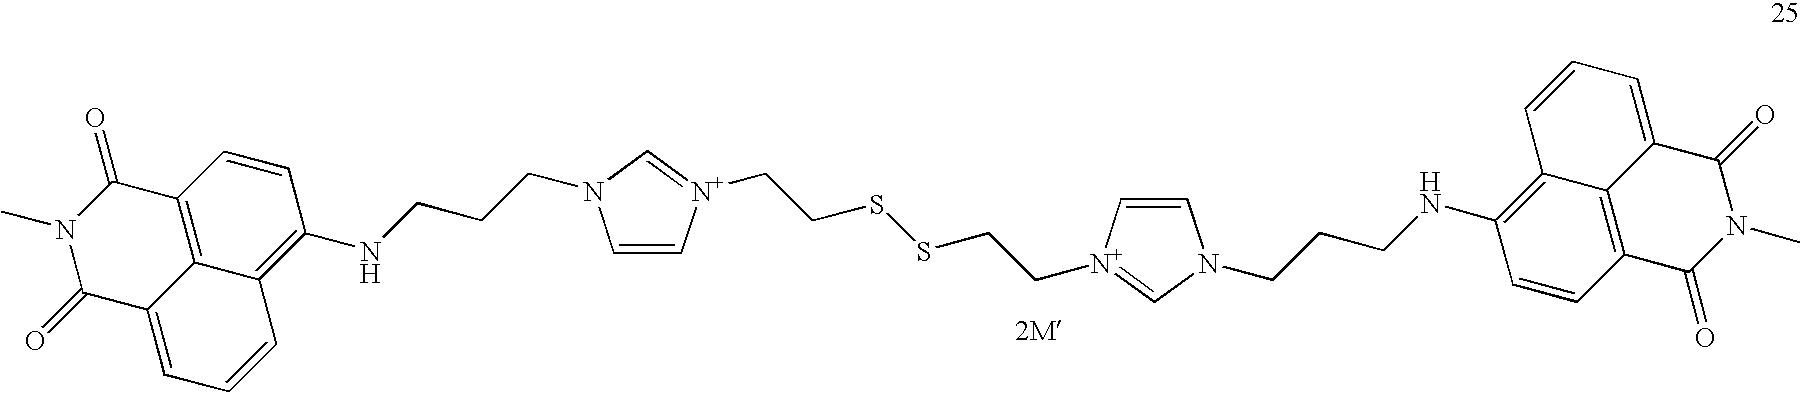 Figure US20090320216A1-20091231-C00035